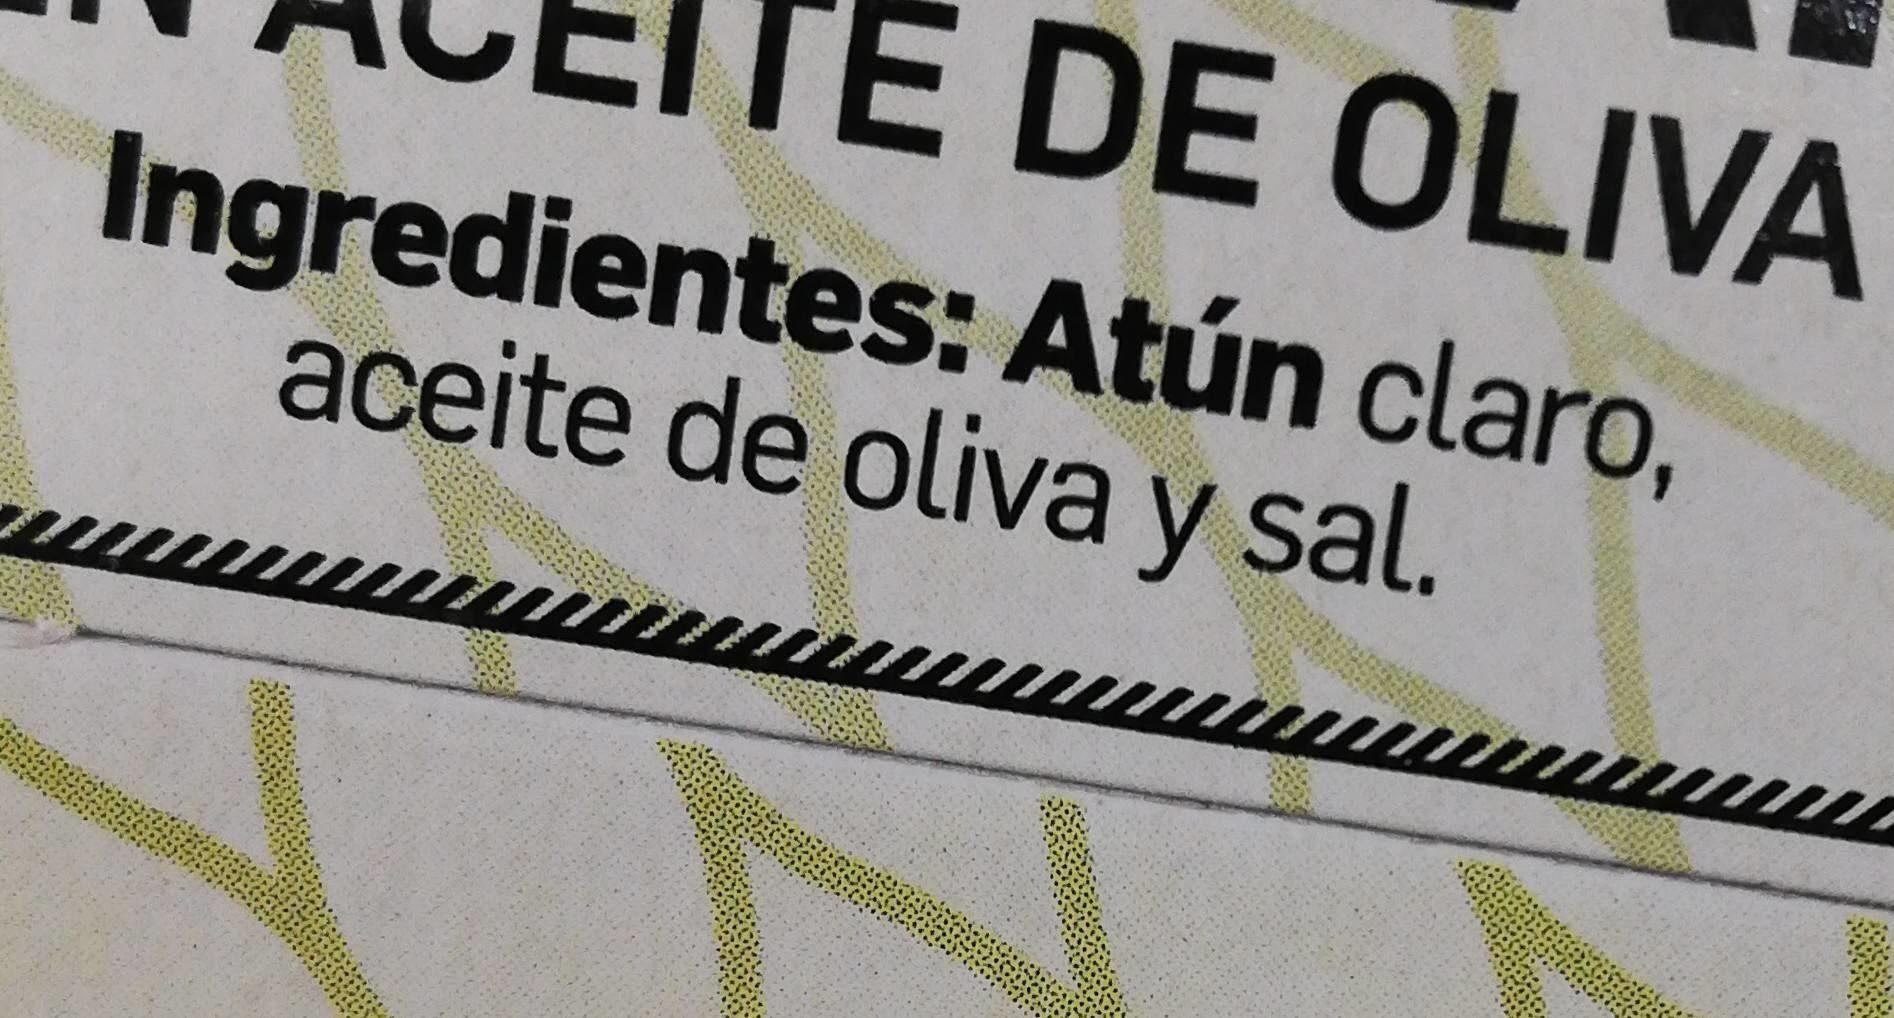 Atún claro en aceite de oliva - Ingredienti - fr